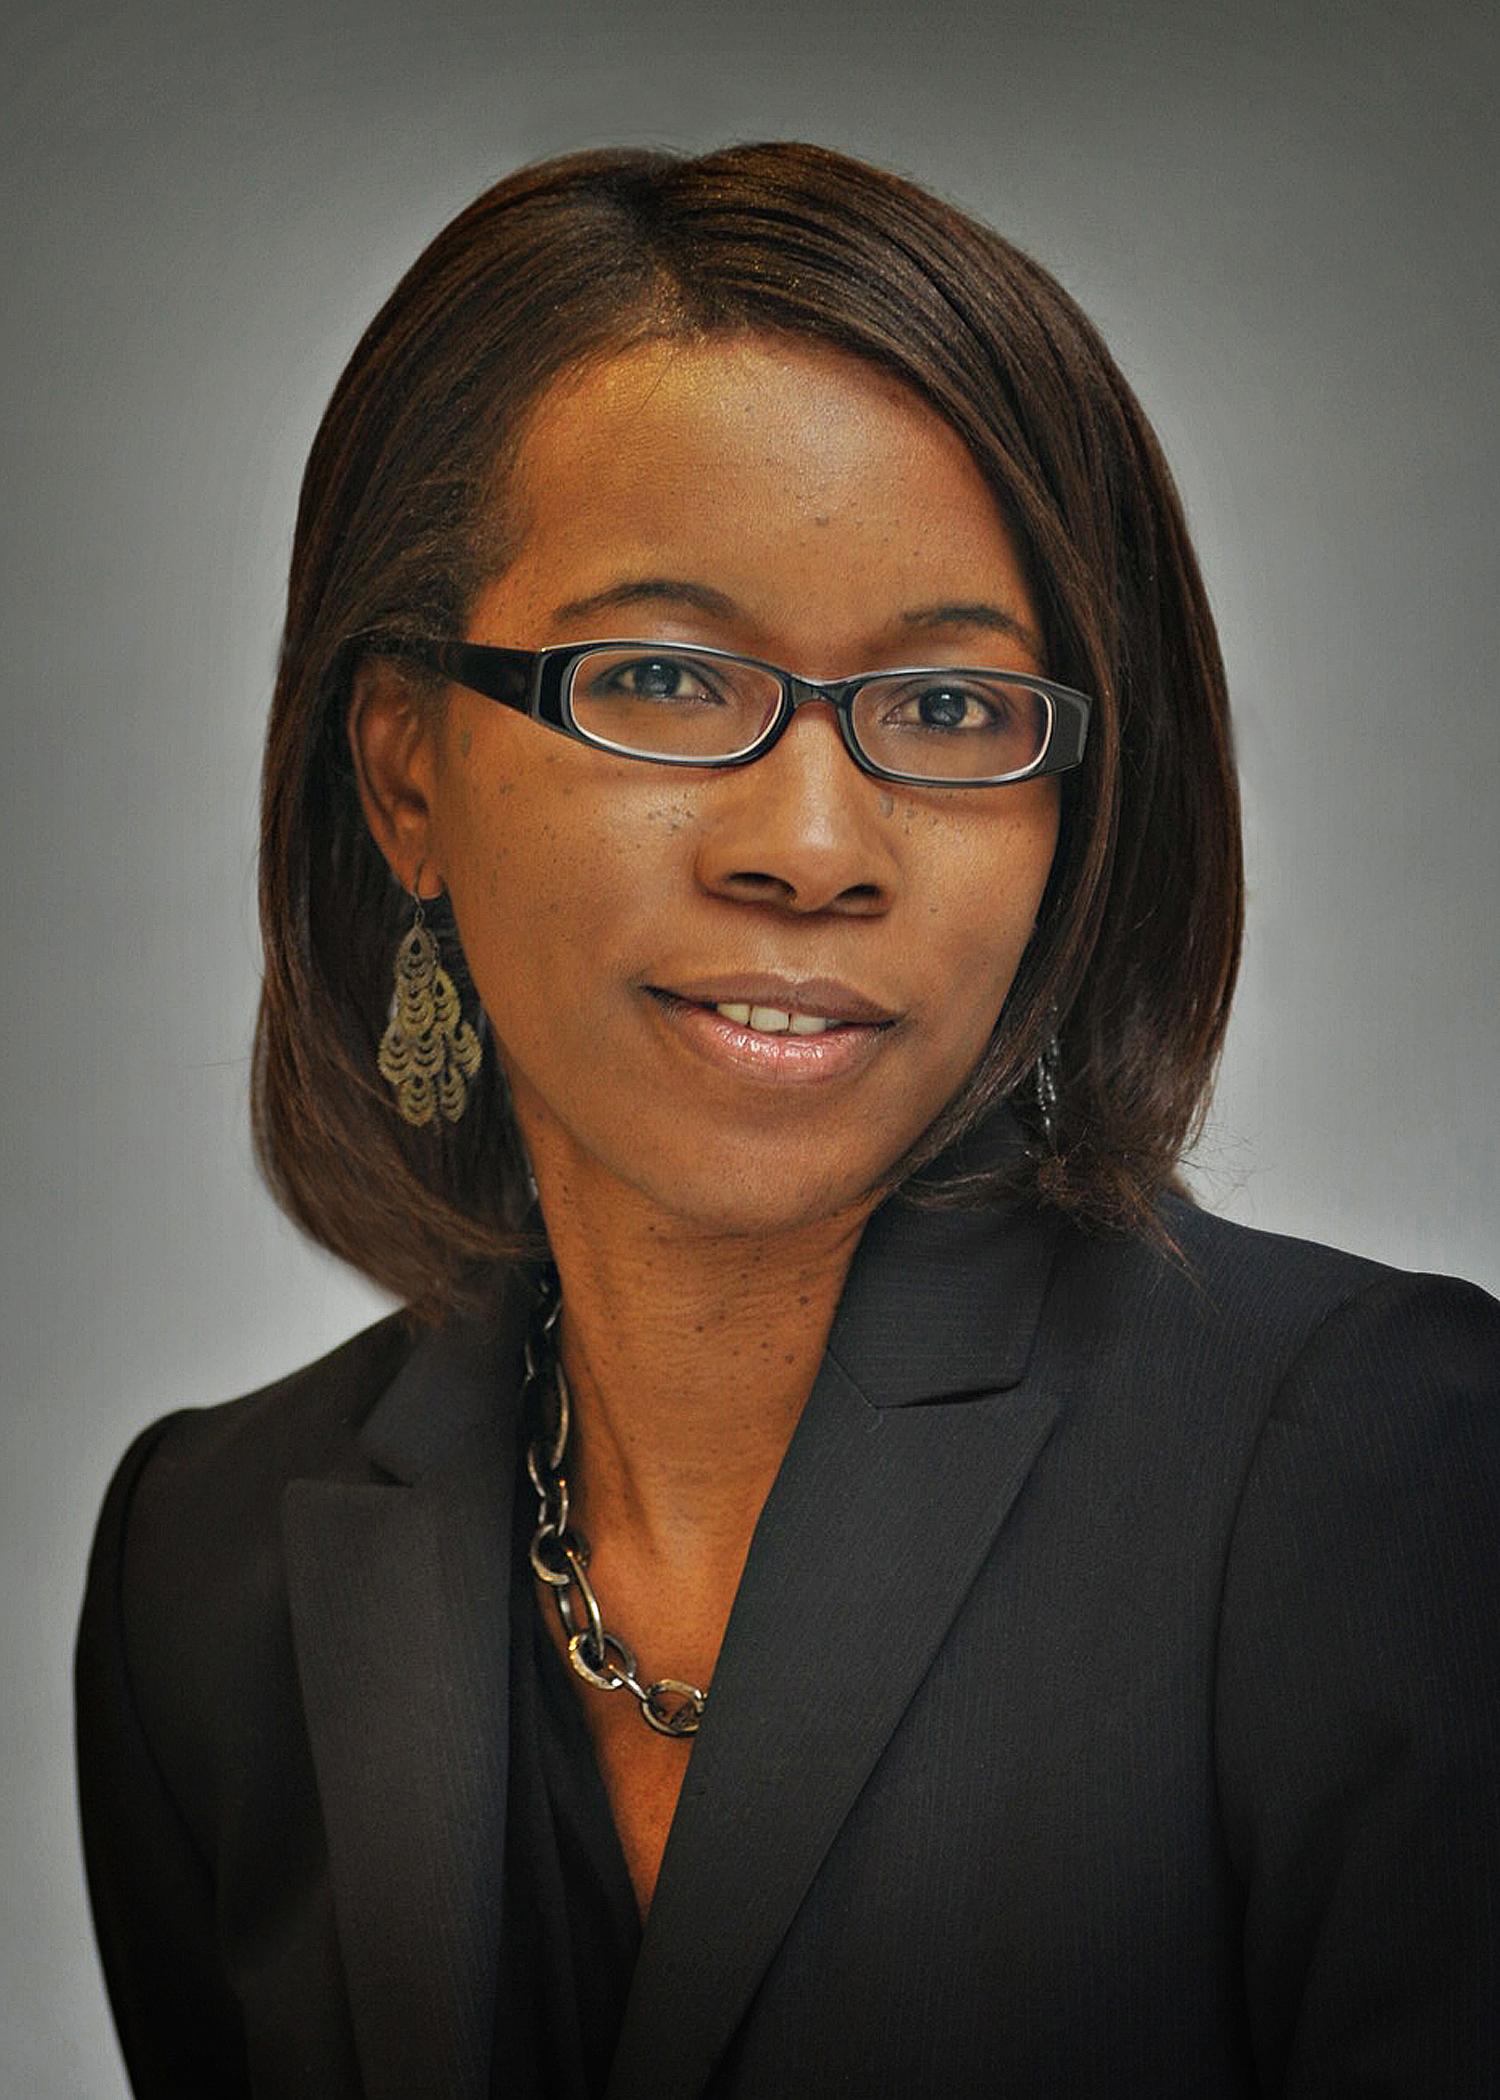 Arlene James